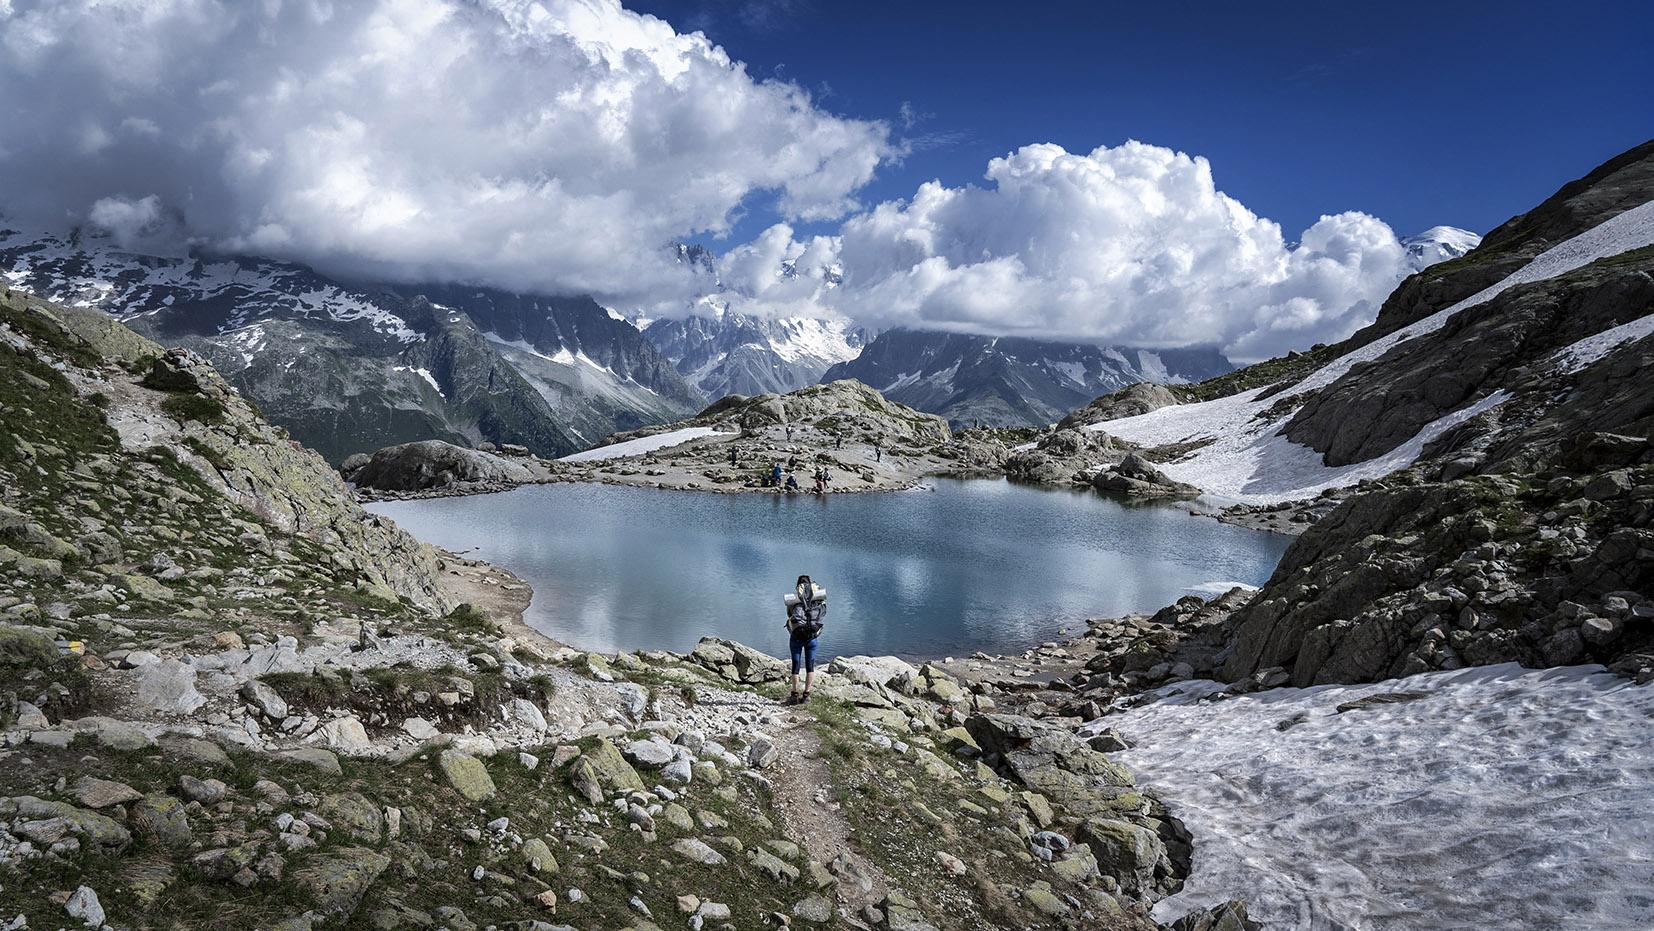 randonnée lac Blanc eau bleue montagnes neige nuages